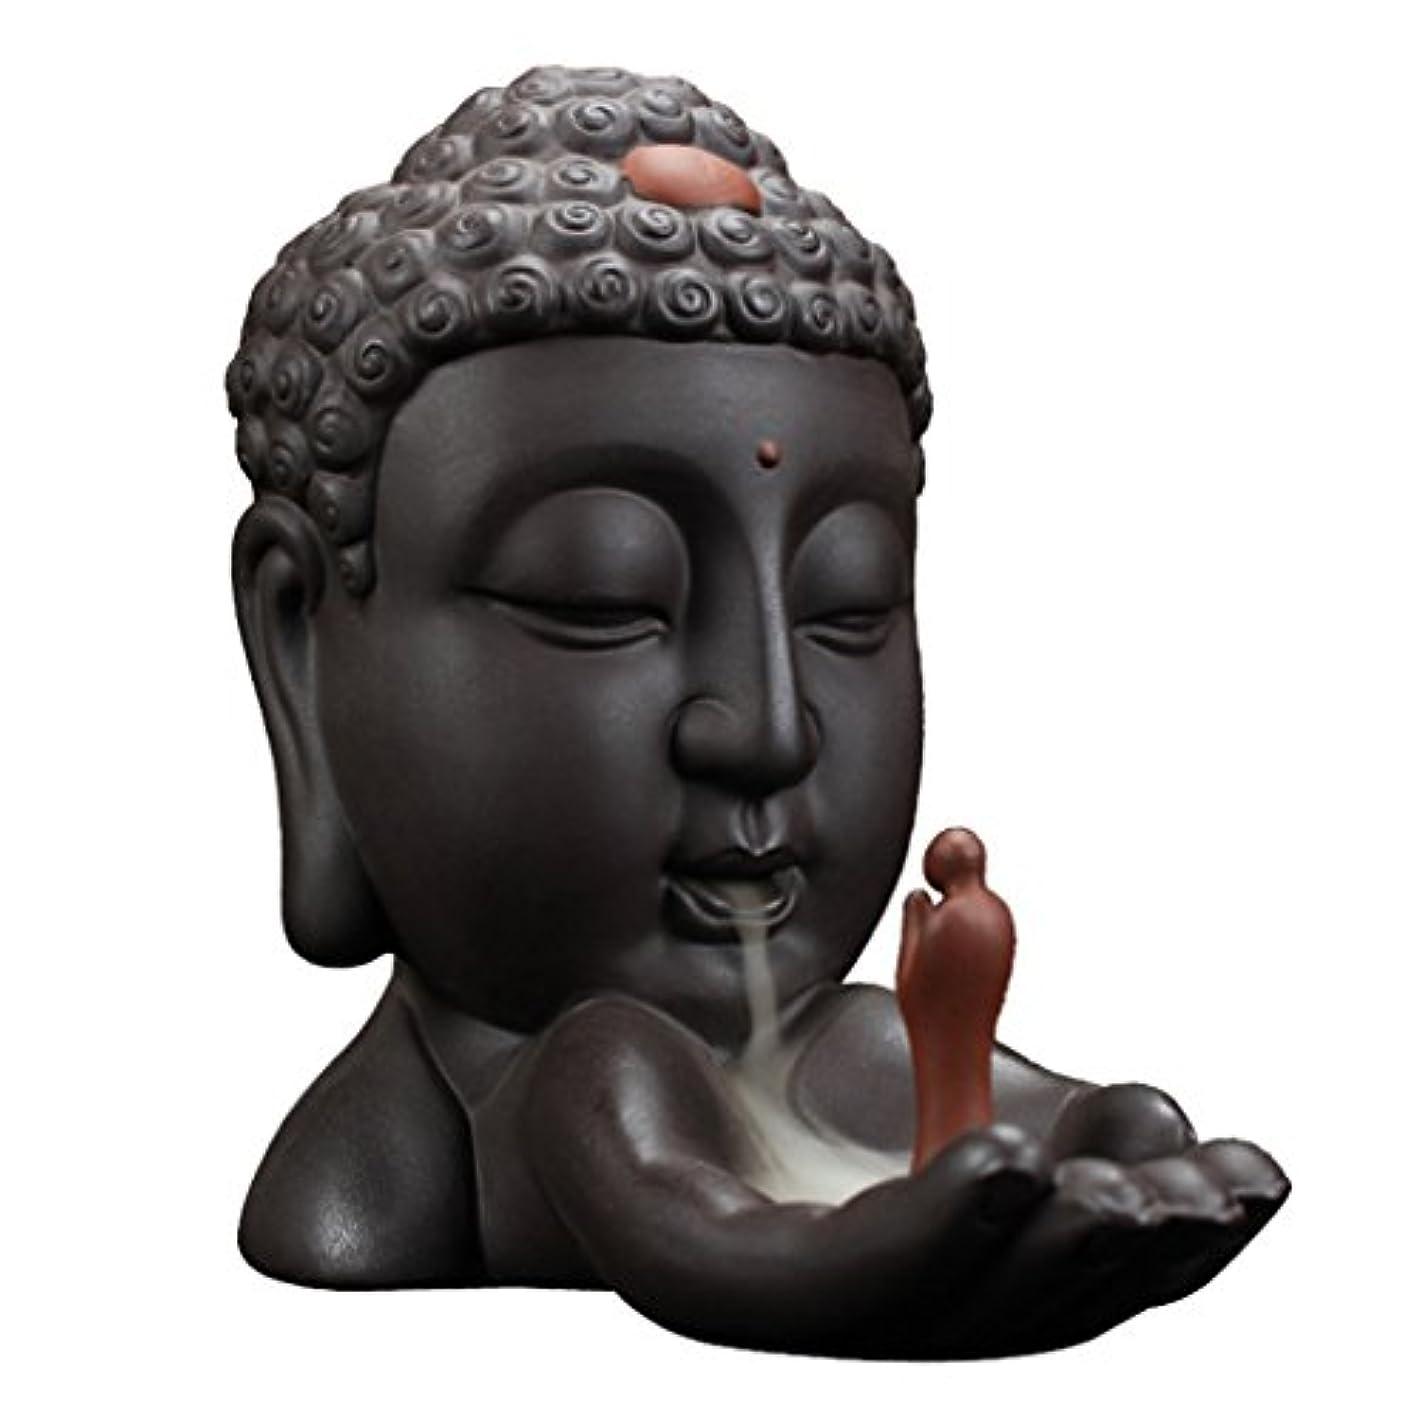 協同クック荒涼としたHomyl 仏教 香のバーナー セラミック スティック コーン ホルダー 逆流 バーナー 香炉